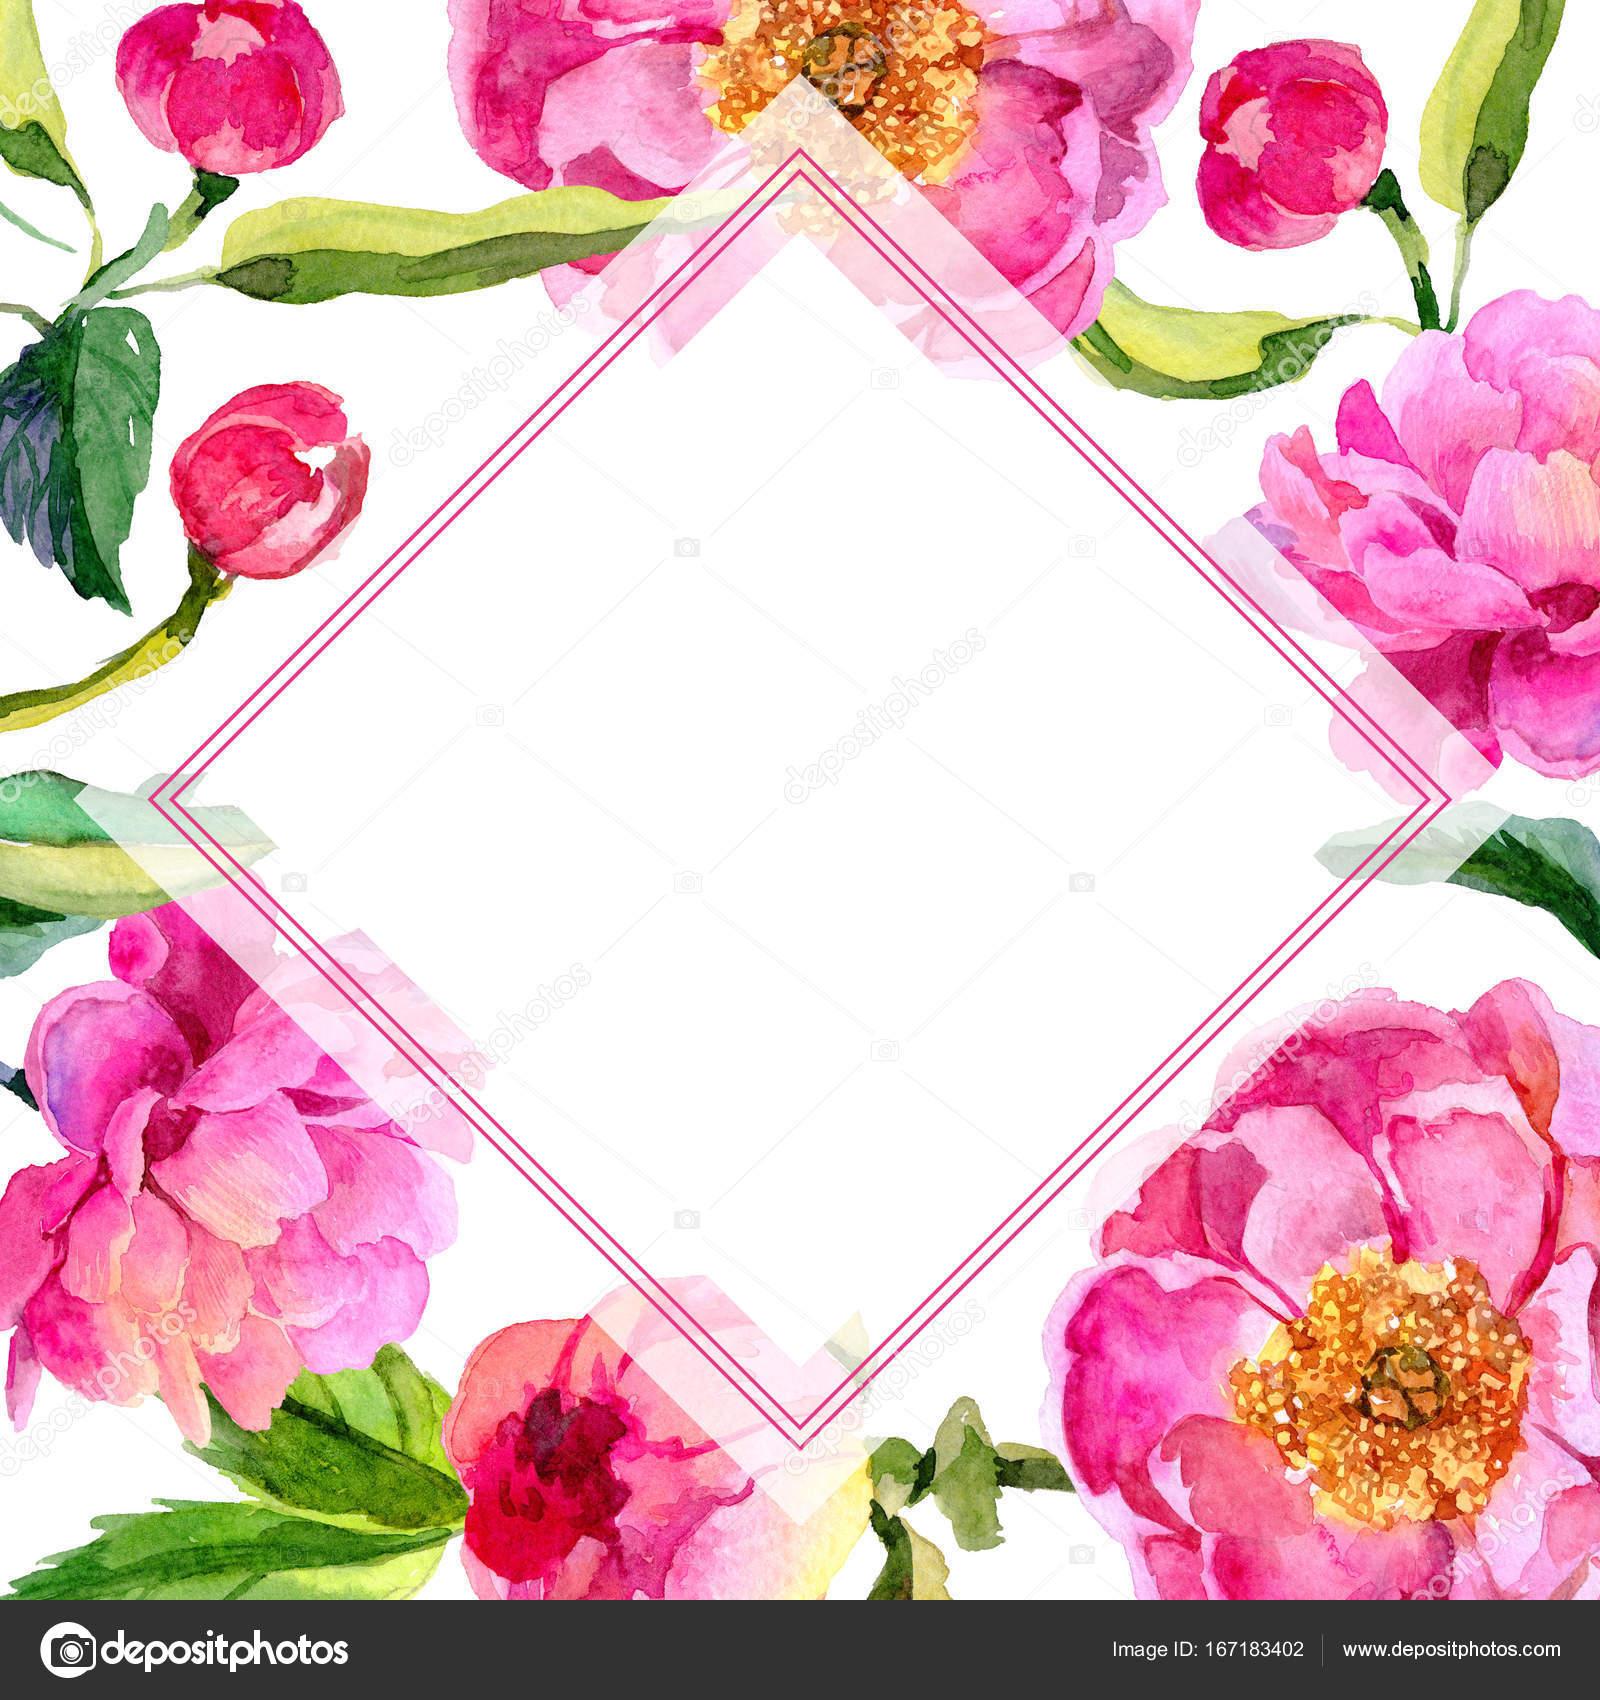 Flores silvestres peonías flor marco un estilo acuarela — Foto de ...